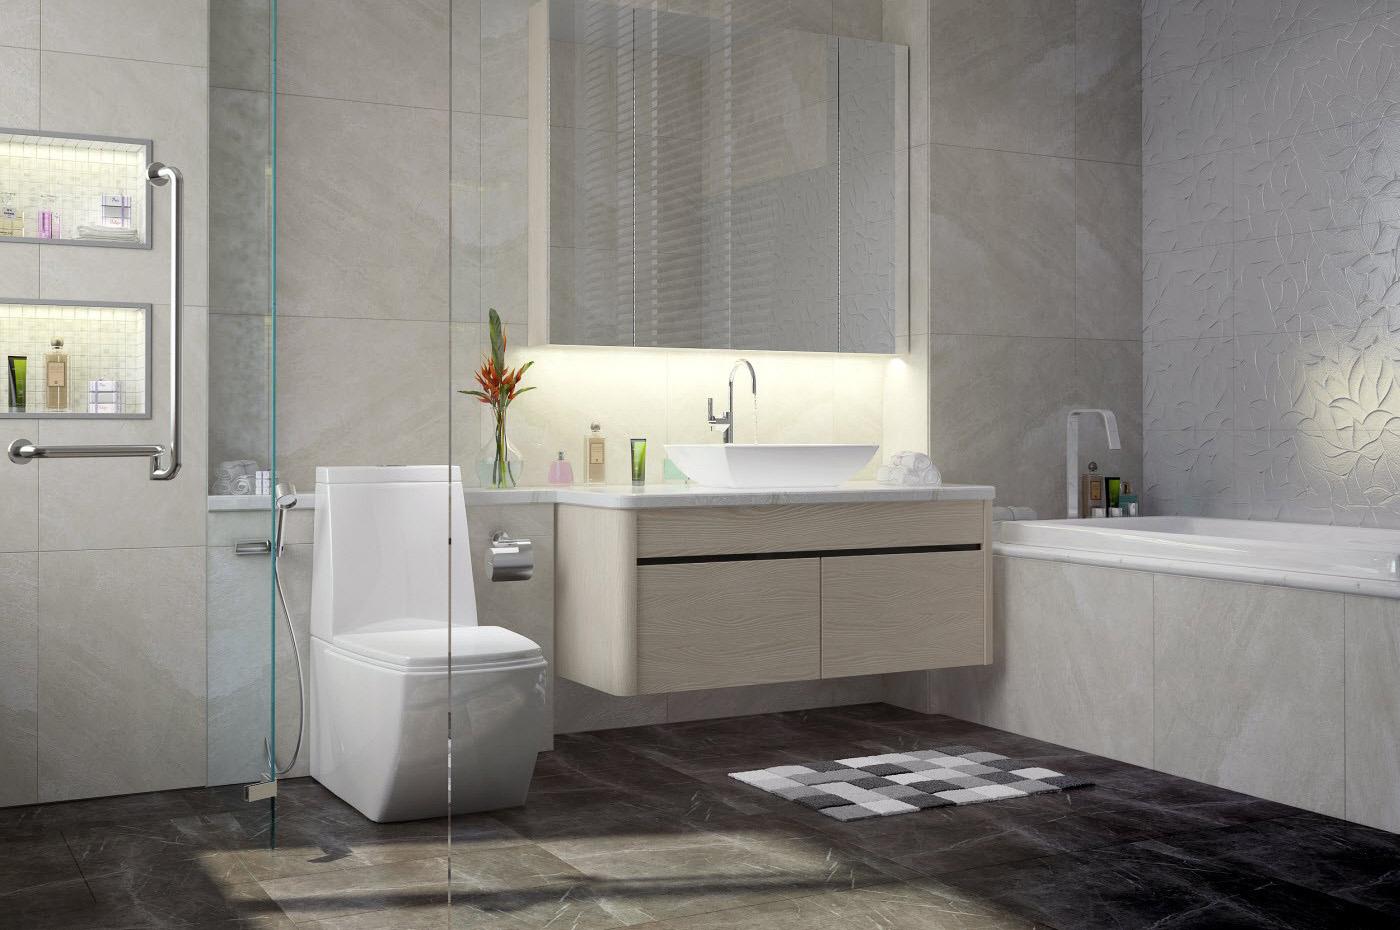 Thiết kế phòng tắm gia đình anh Hùng